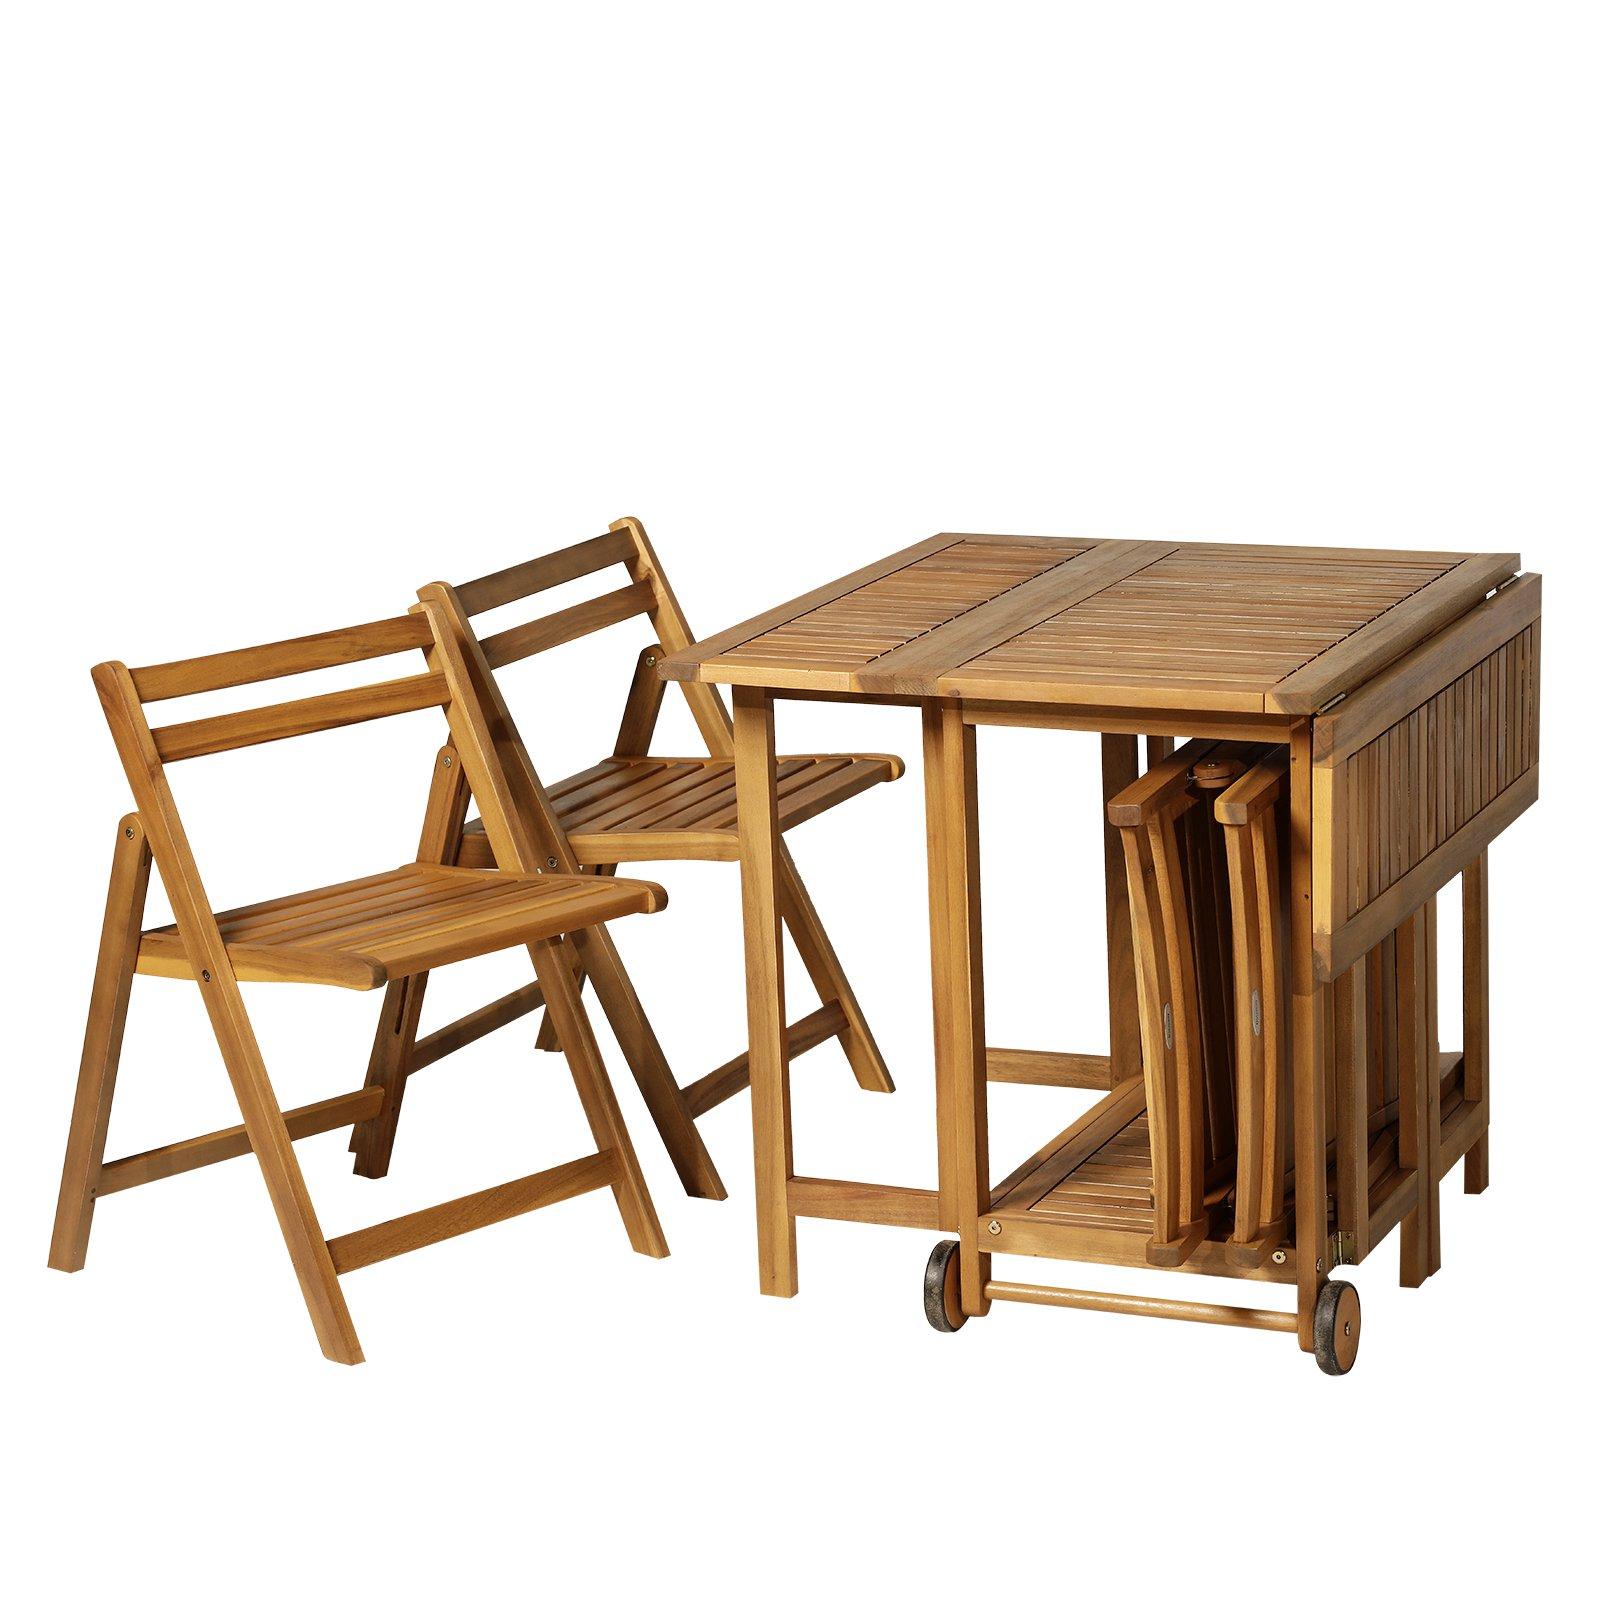 Hogar y cocina Muebles Juego de 5 Piezas Extensible 1 mesa y ...